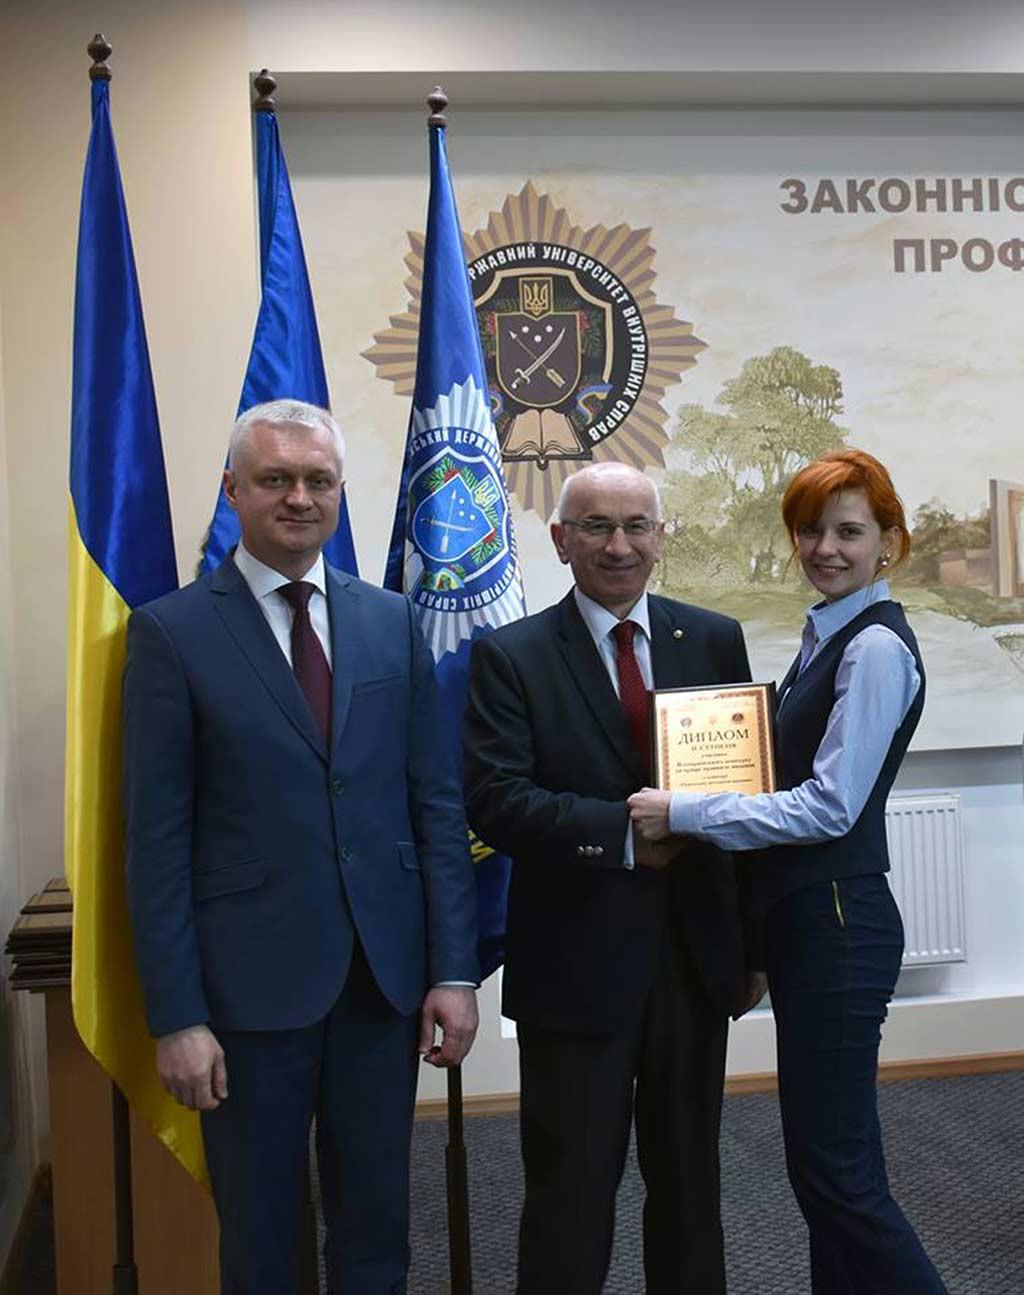 У рамках проведення конференції відбулося нагородження переможців Всеукраїнського конкурсу на краще правниче видання